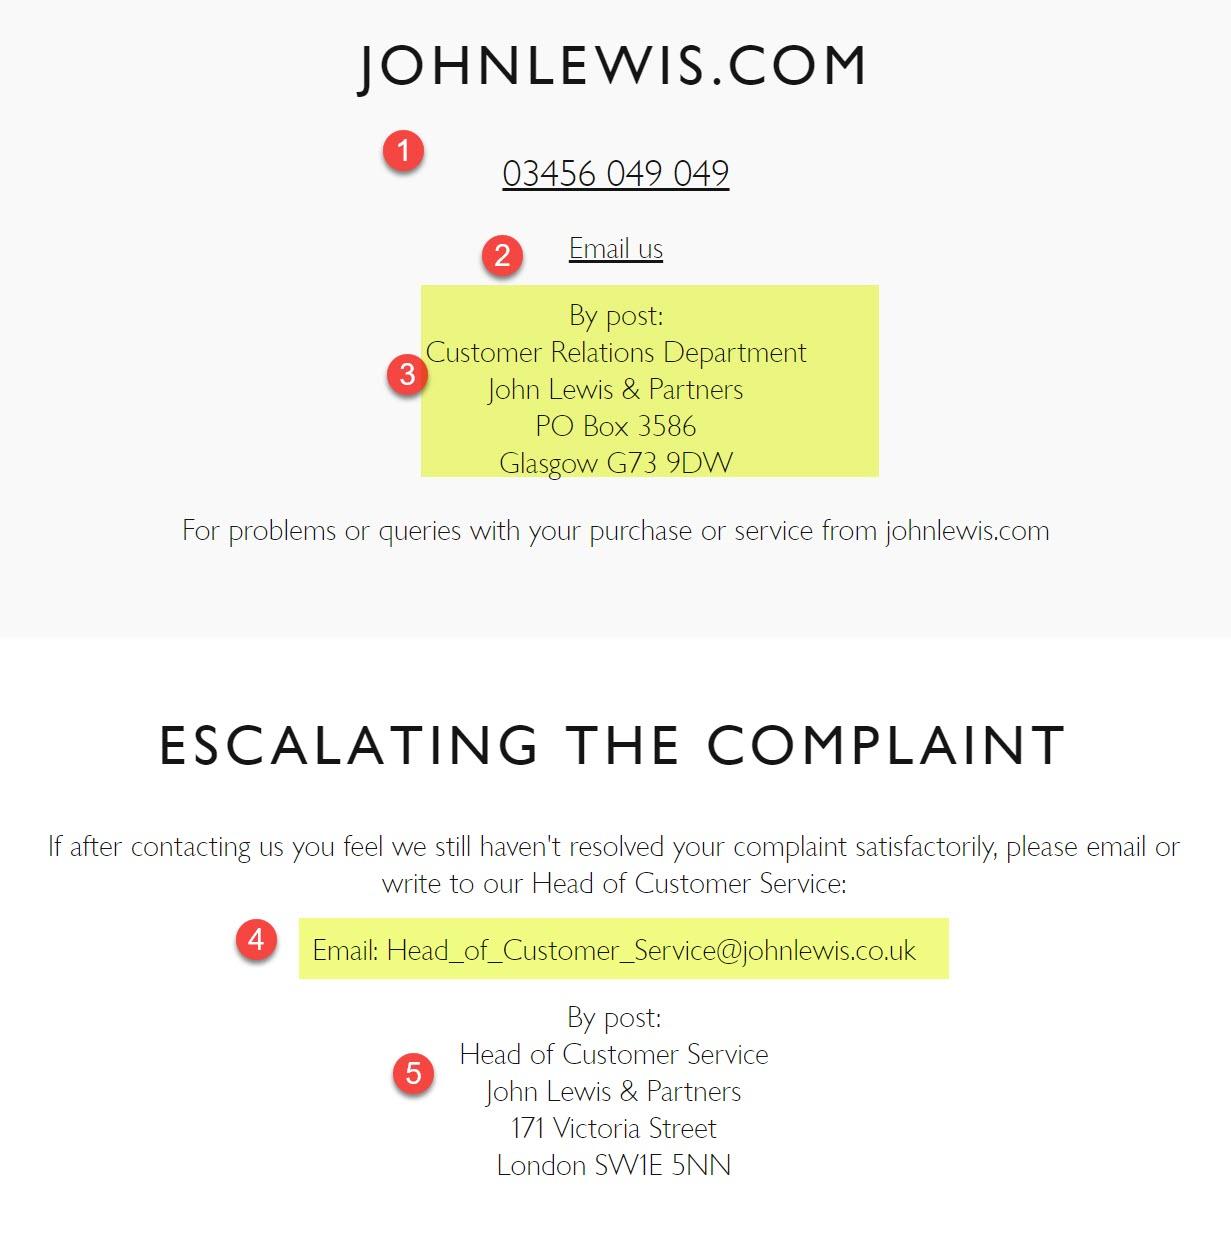 john Lewis complaints process